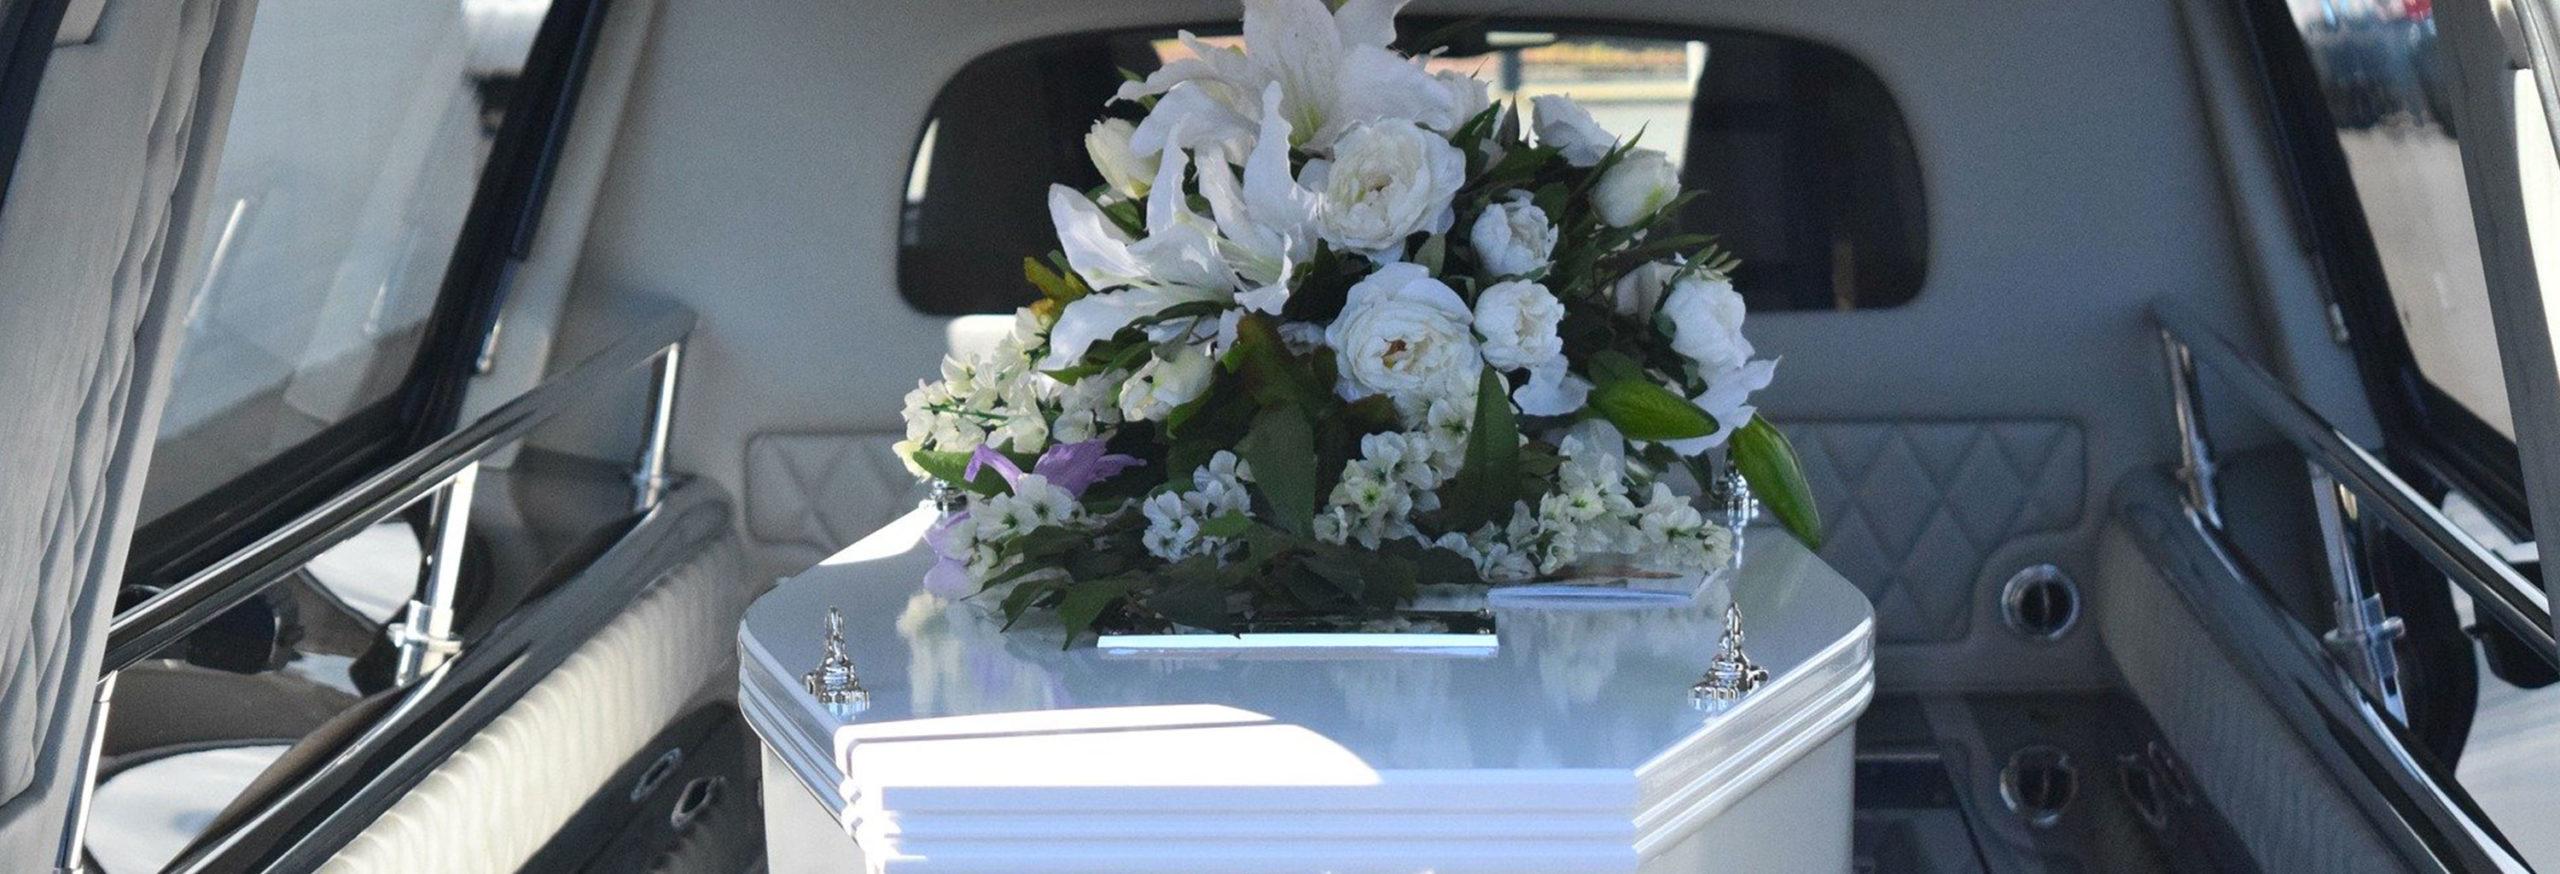 trasporto funebre nazionale e internazionale bologna